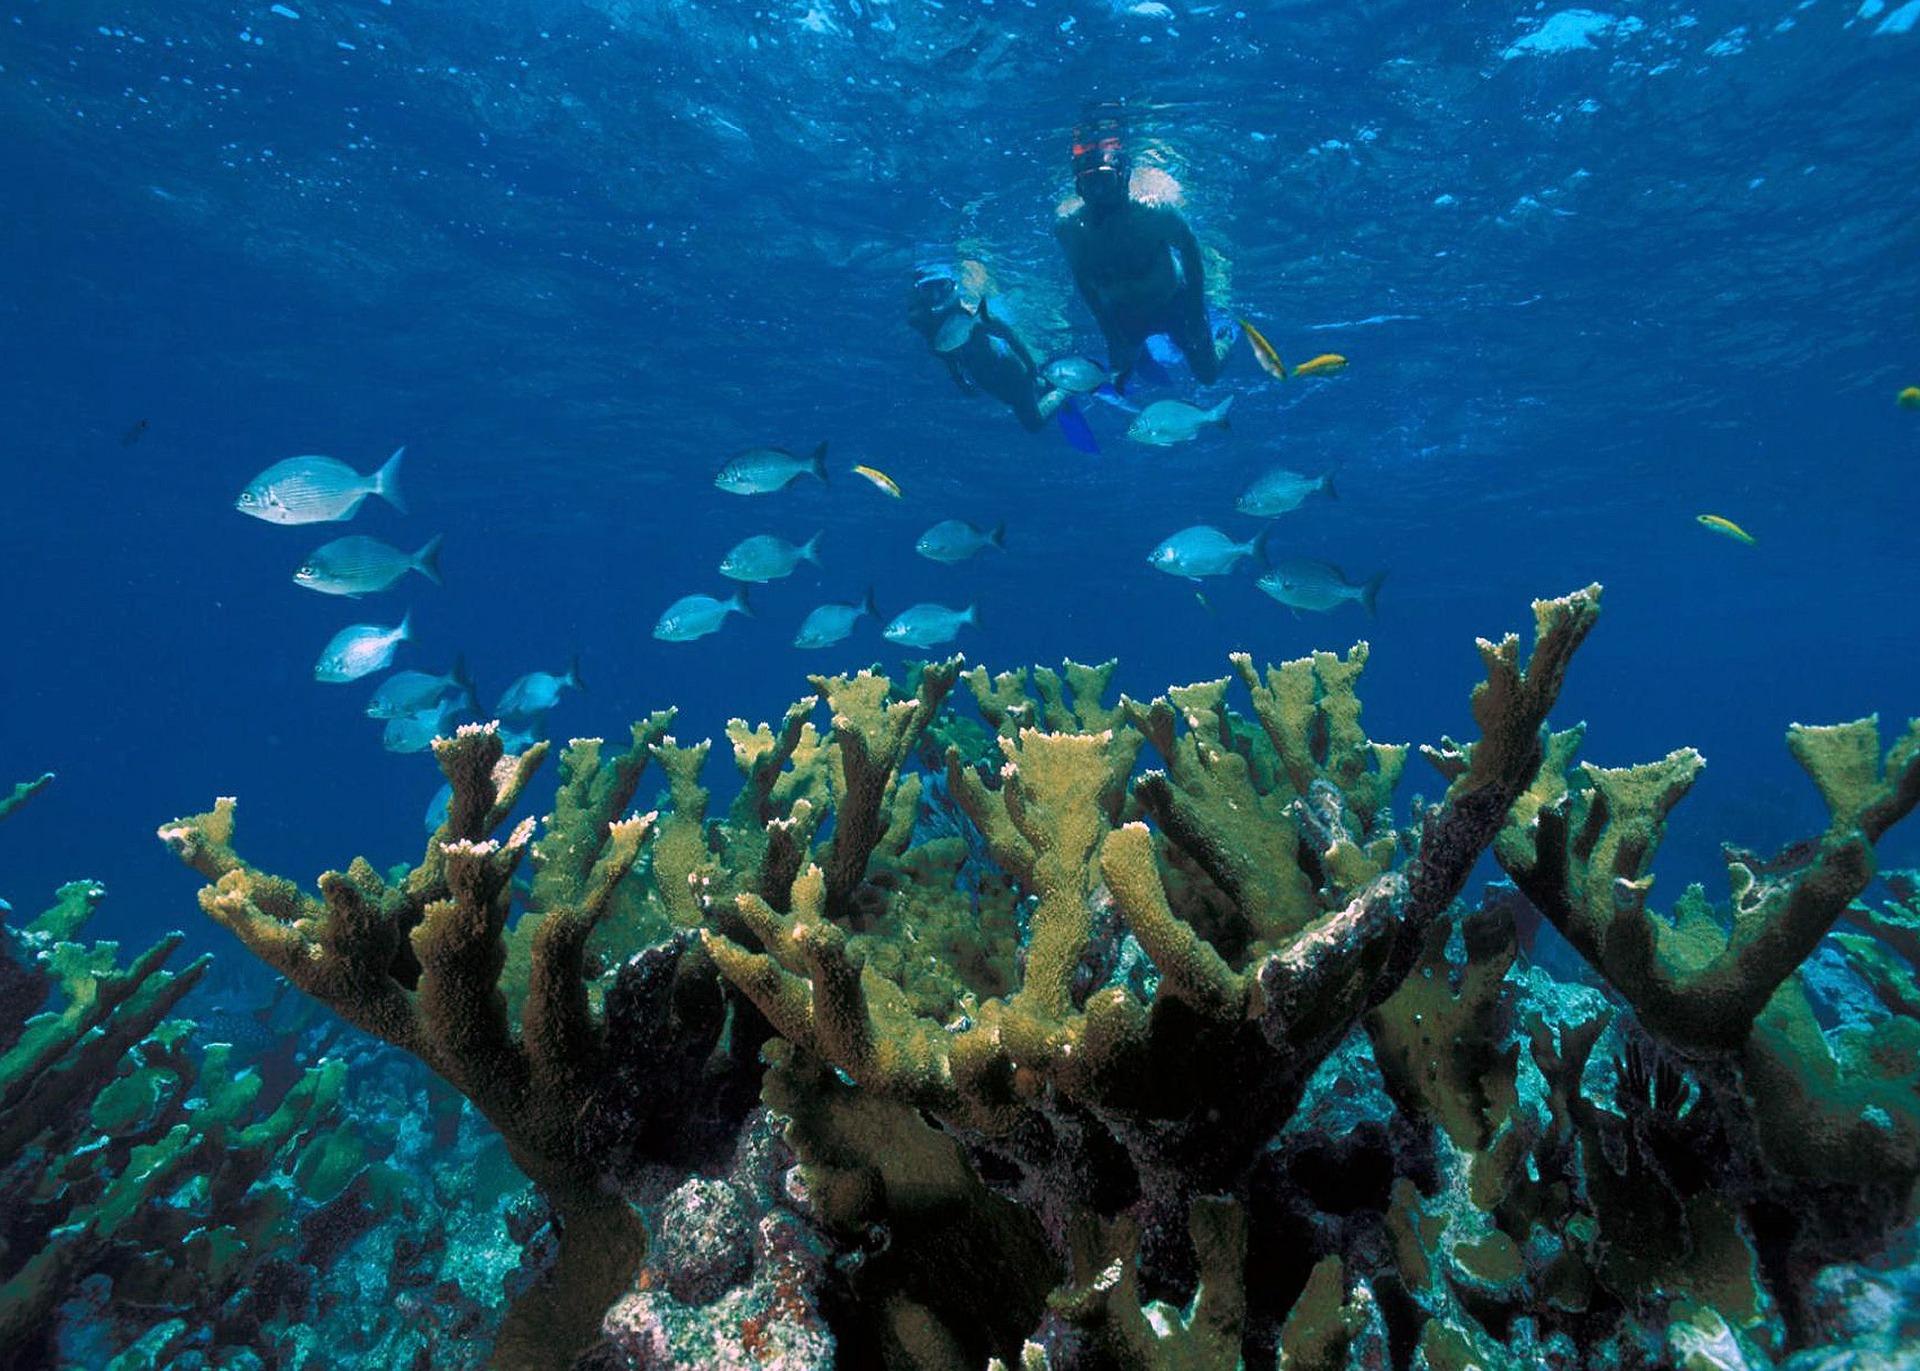 elkhorn-coral-589407_1920.jpg